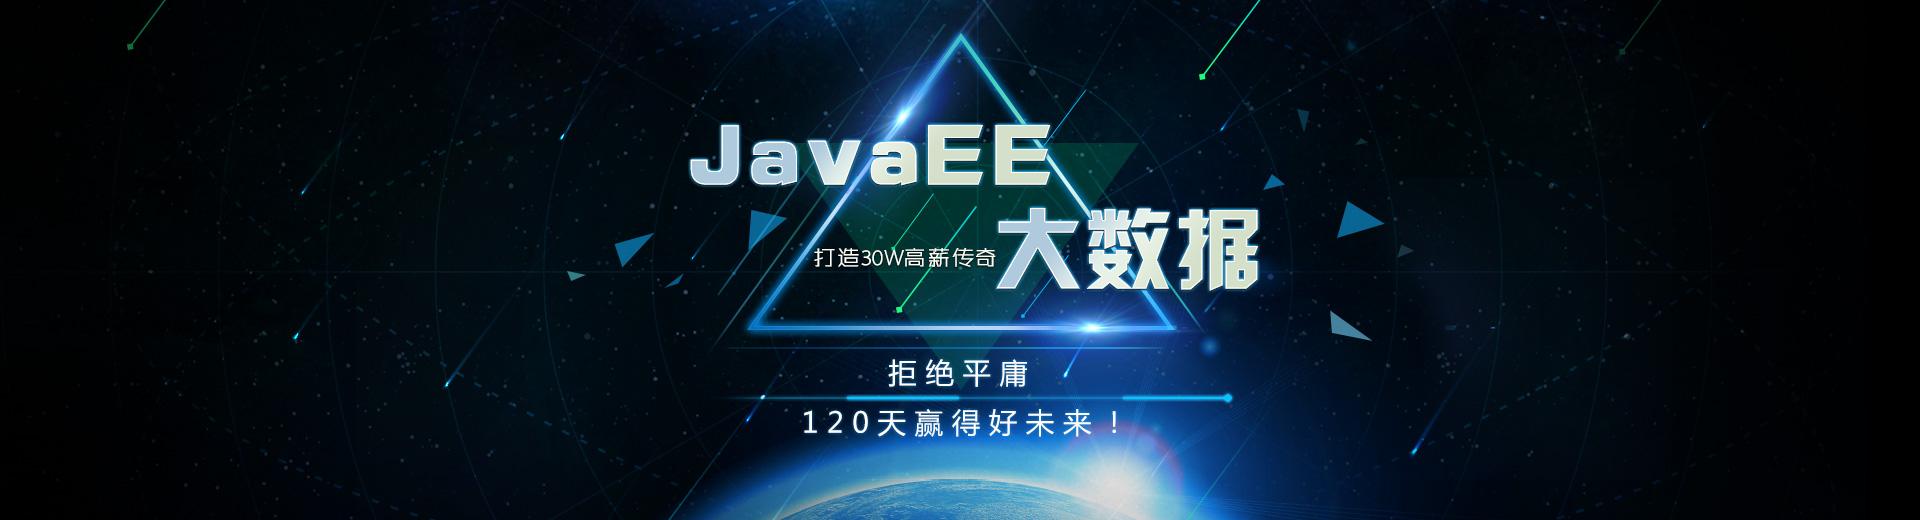 百知Java ee培训banner